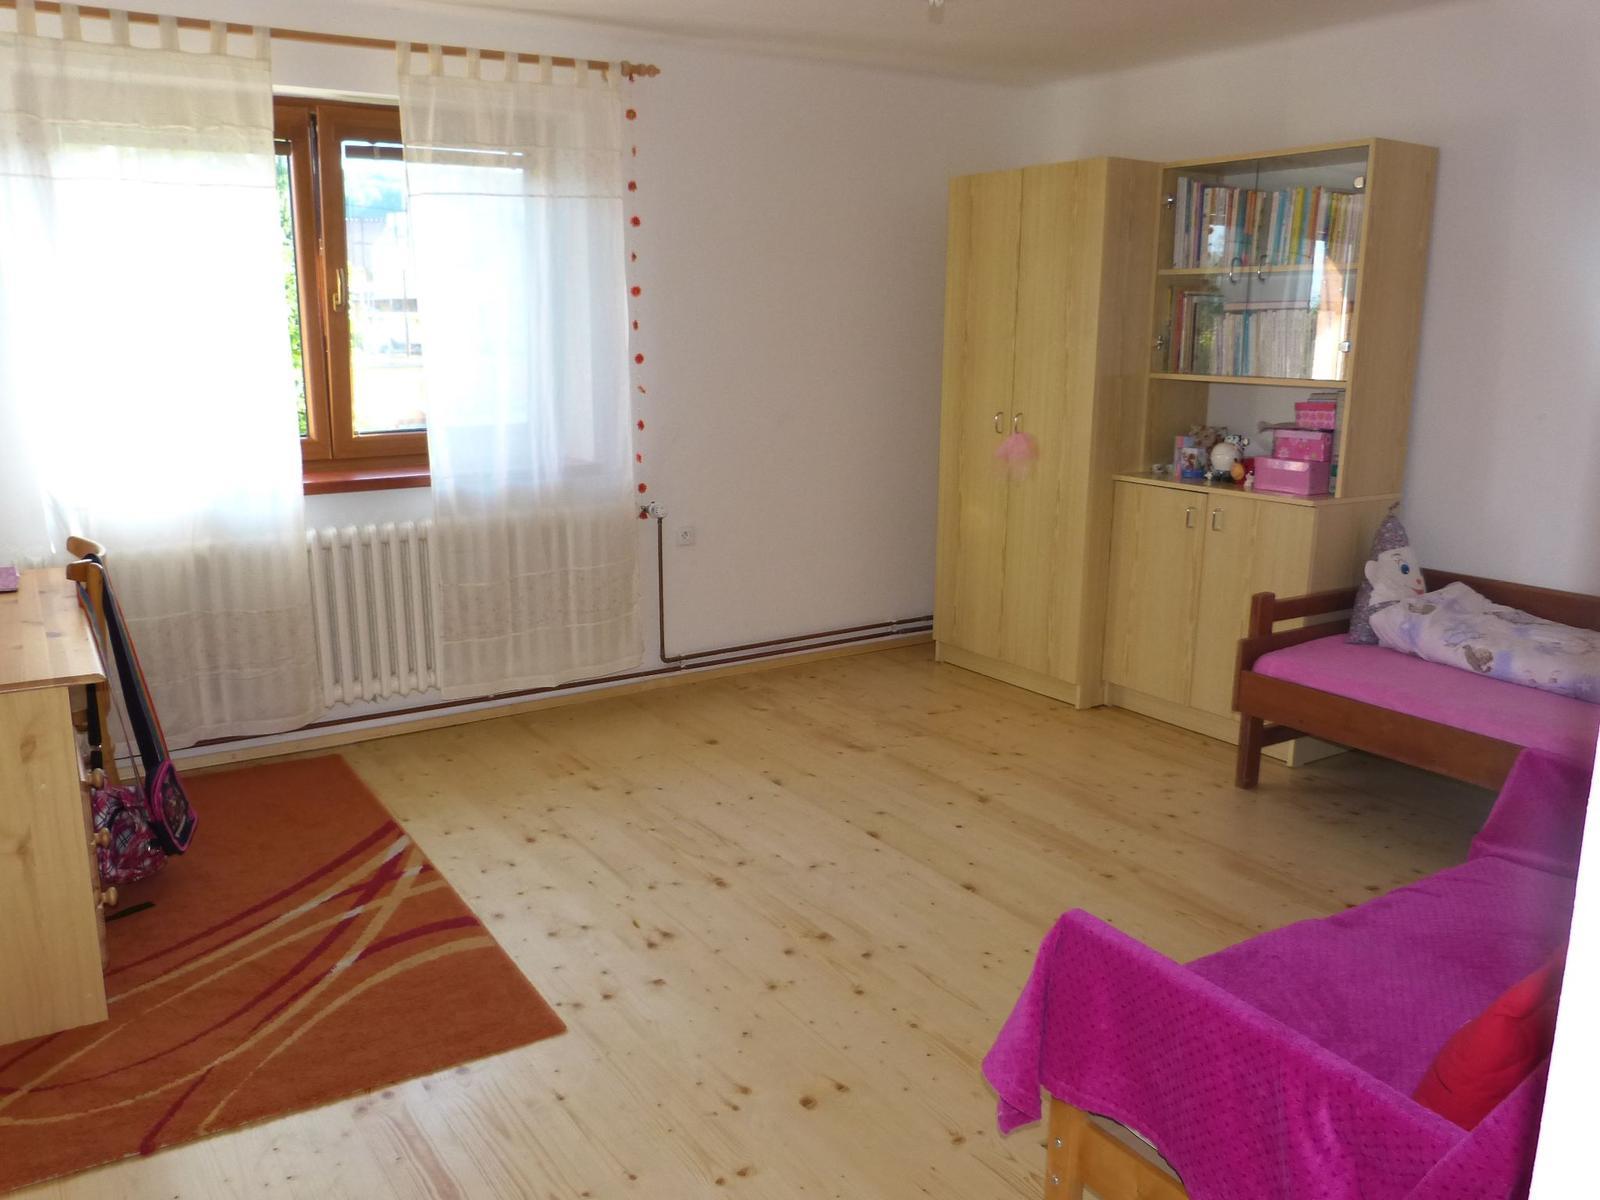 Podlahy - A když má dcerka pokojík uklizený